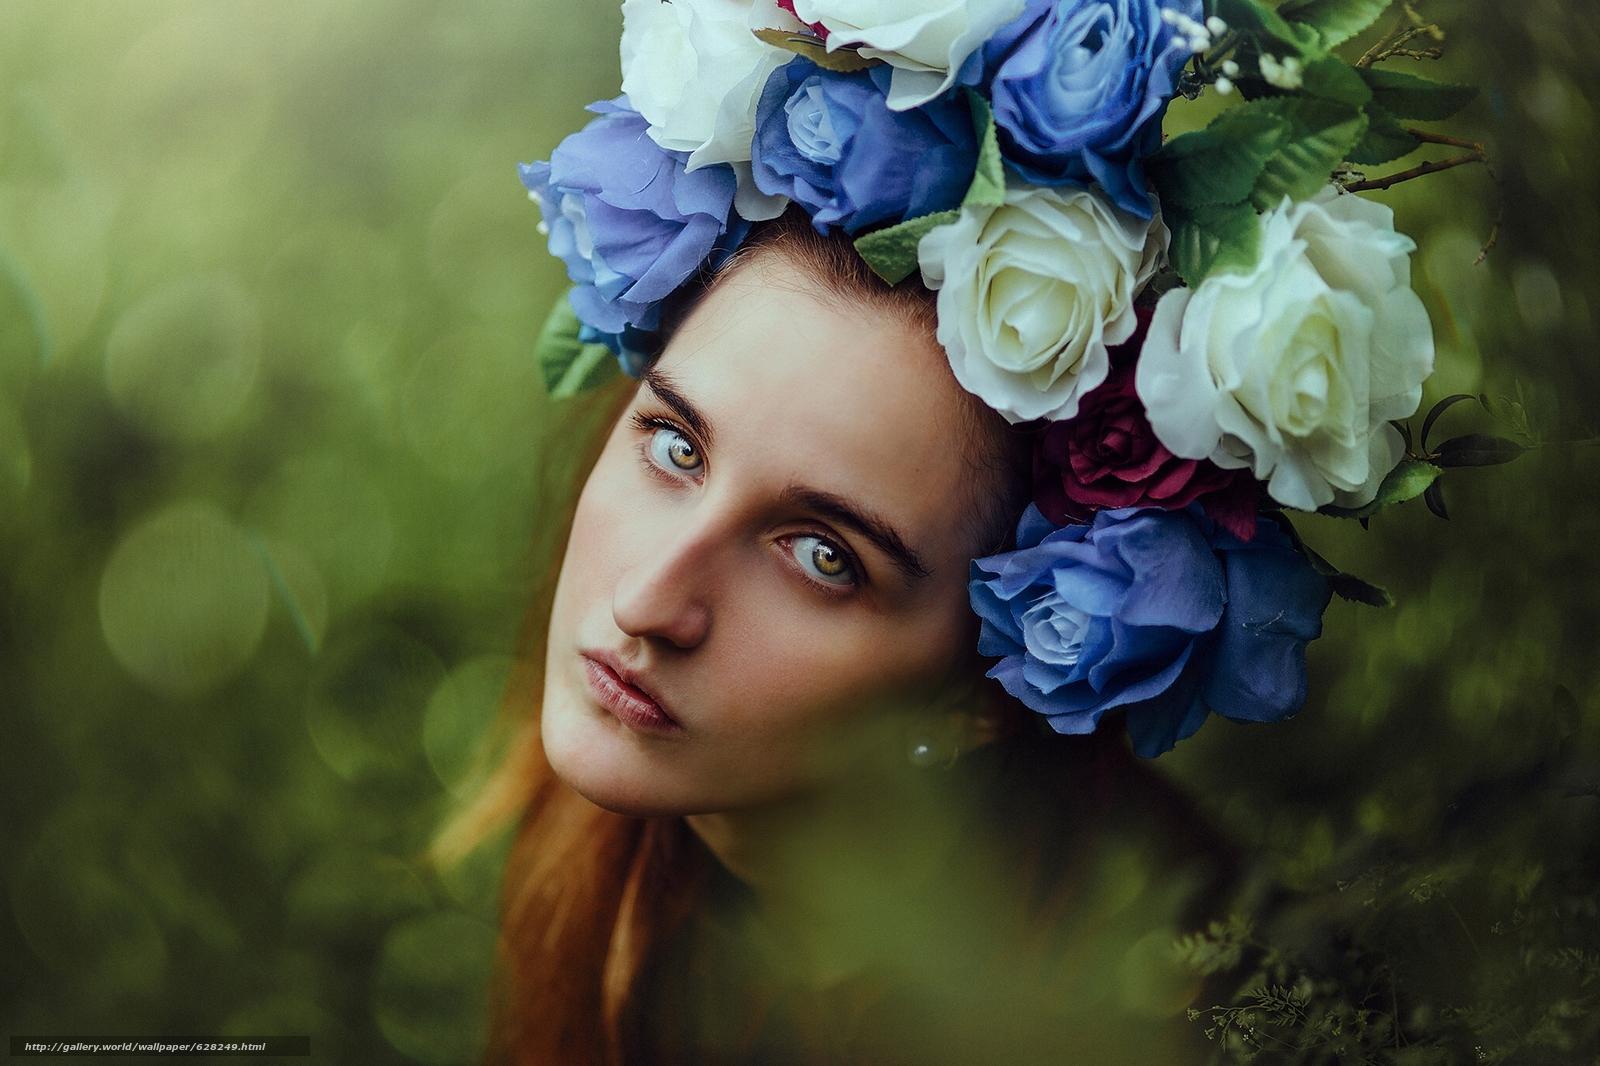 девушка, лицо, взгляд, портрет, венок, цветы, настроение